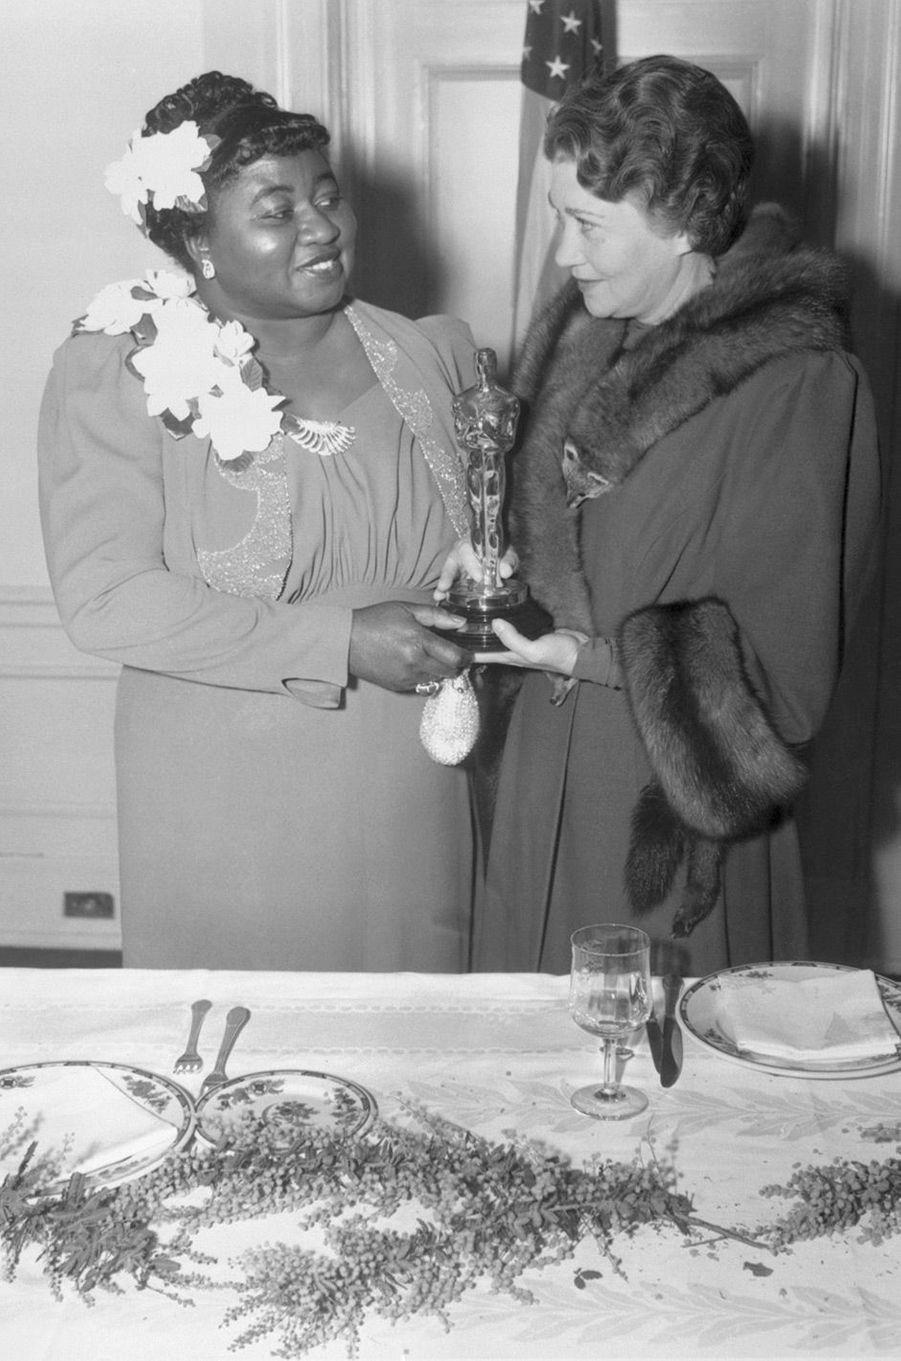 """12ème cérémonie des Oscars (1940)Hattie McDaniel est la première actrice noire à remporter un Oscar. Elle obtient l'award du meilleur second rôle féminin pour son jeu dans """"Autant en emporte le vent"""", de Victor Fleming, film qui bat le record de statuettes avec 10 récompenses(Photo : Hattie McDaniel reçoit l'Oscar des mains de Fay Bainter en 1940)"""